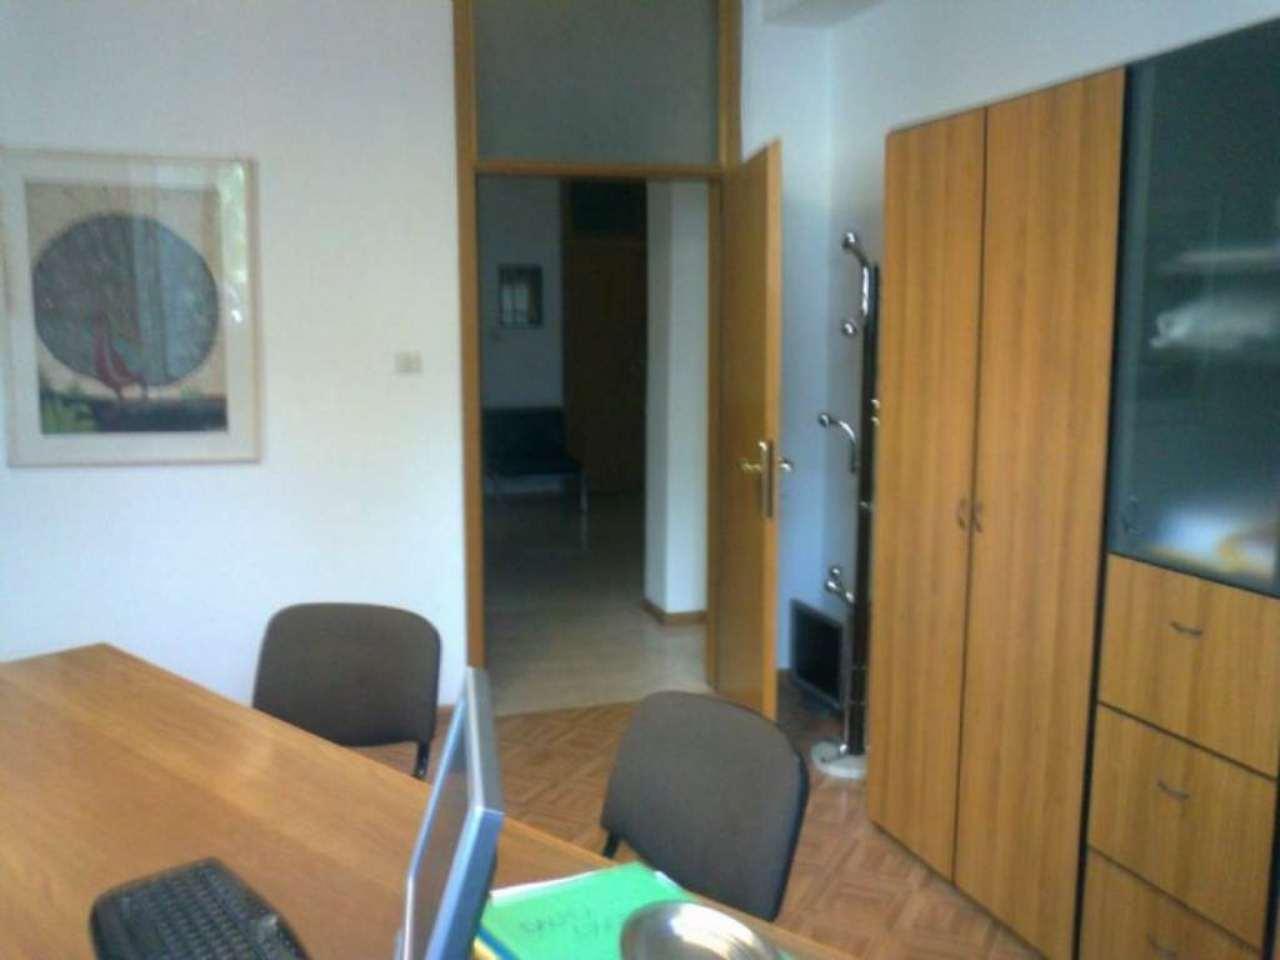 Ufficio / Studio in affitto a Cles, 9999 locali, prezzo € 320 | Cambio Casa.it